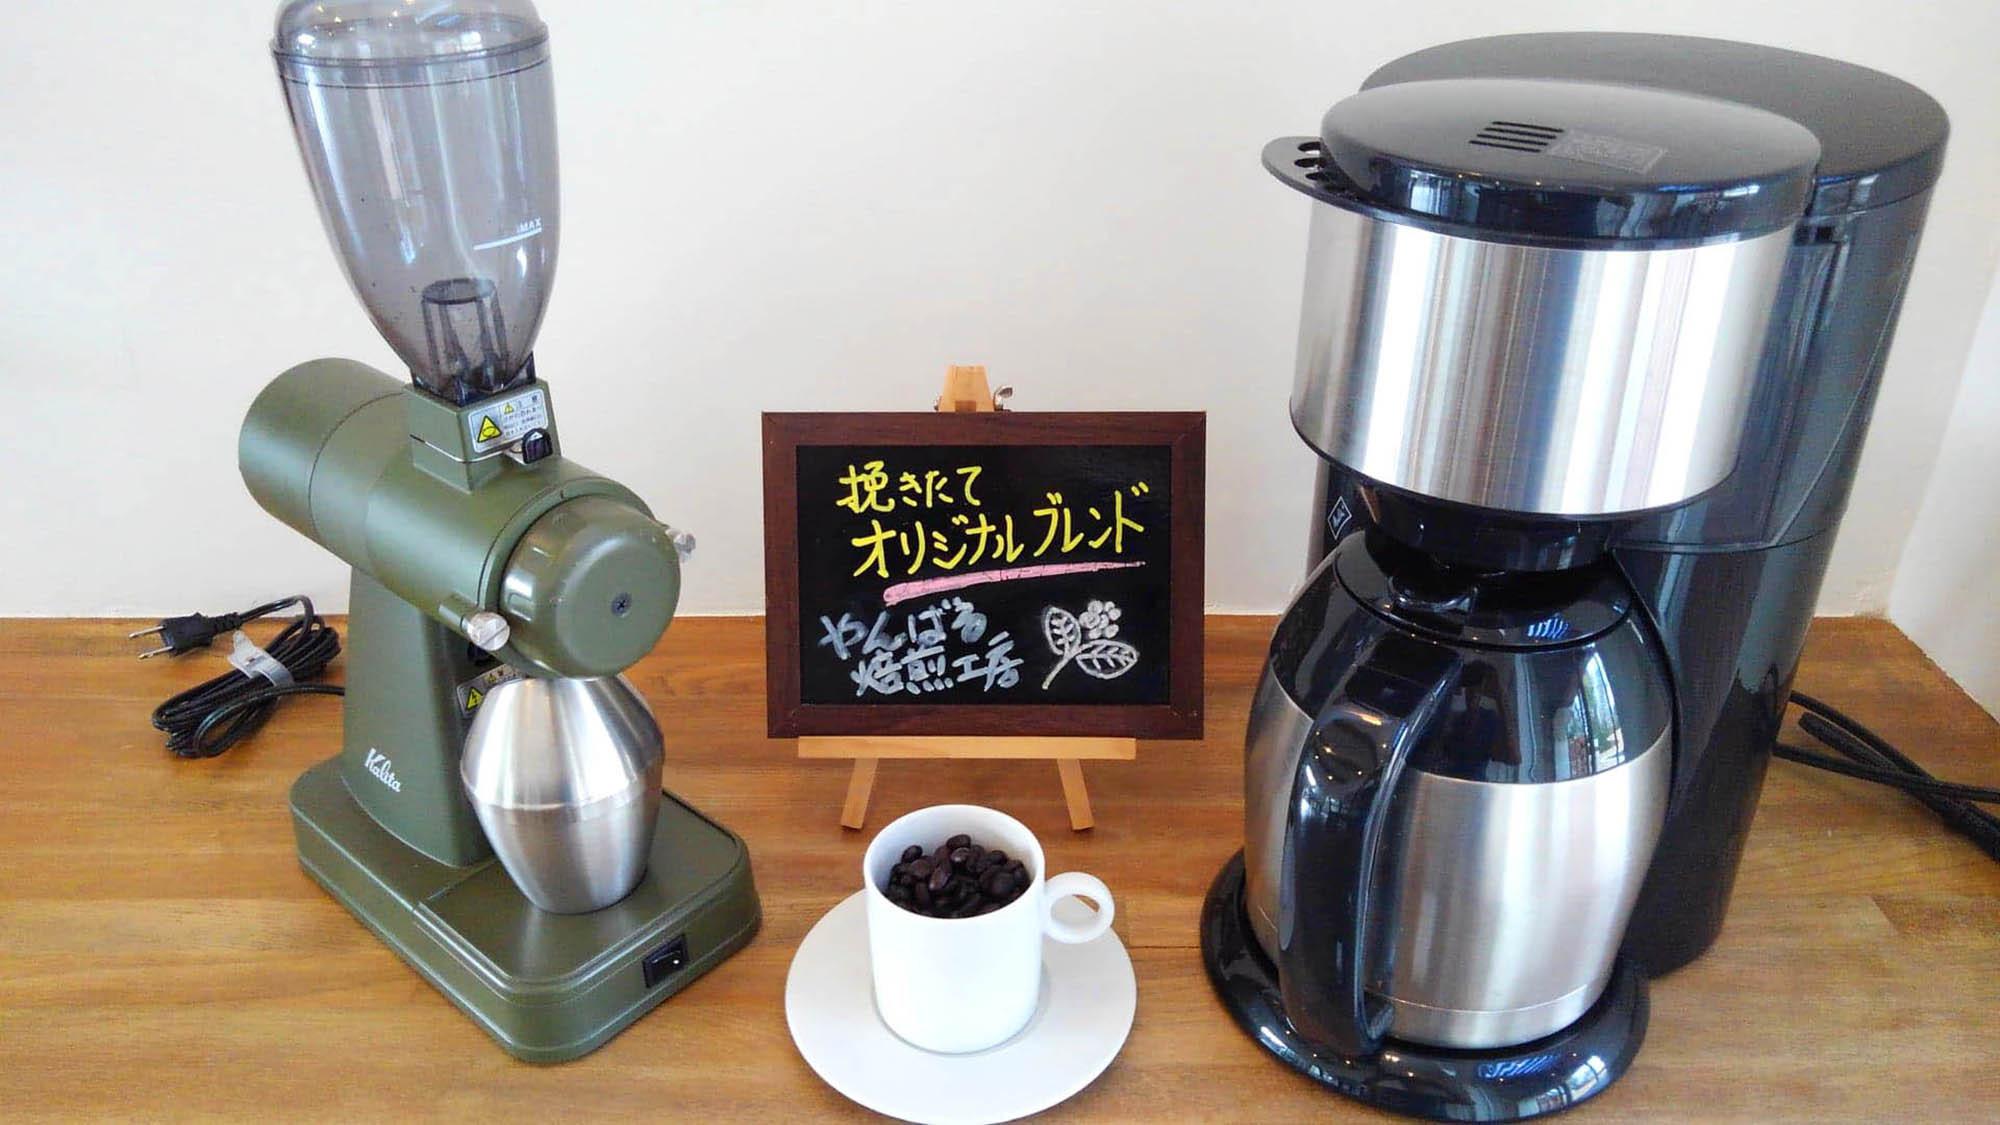 ・オリジナルブレンドコーヒー